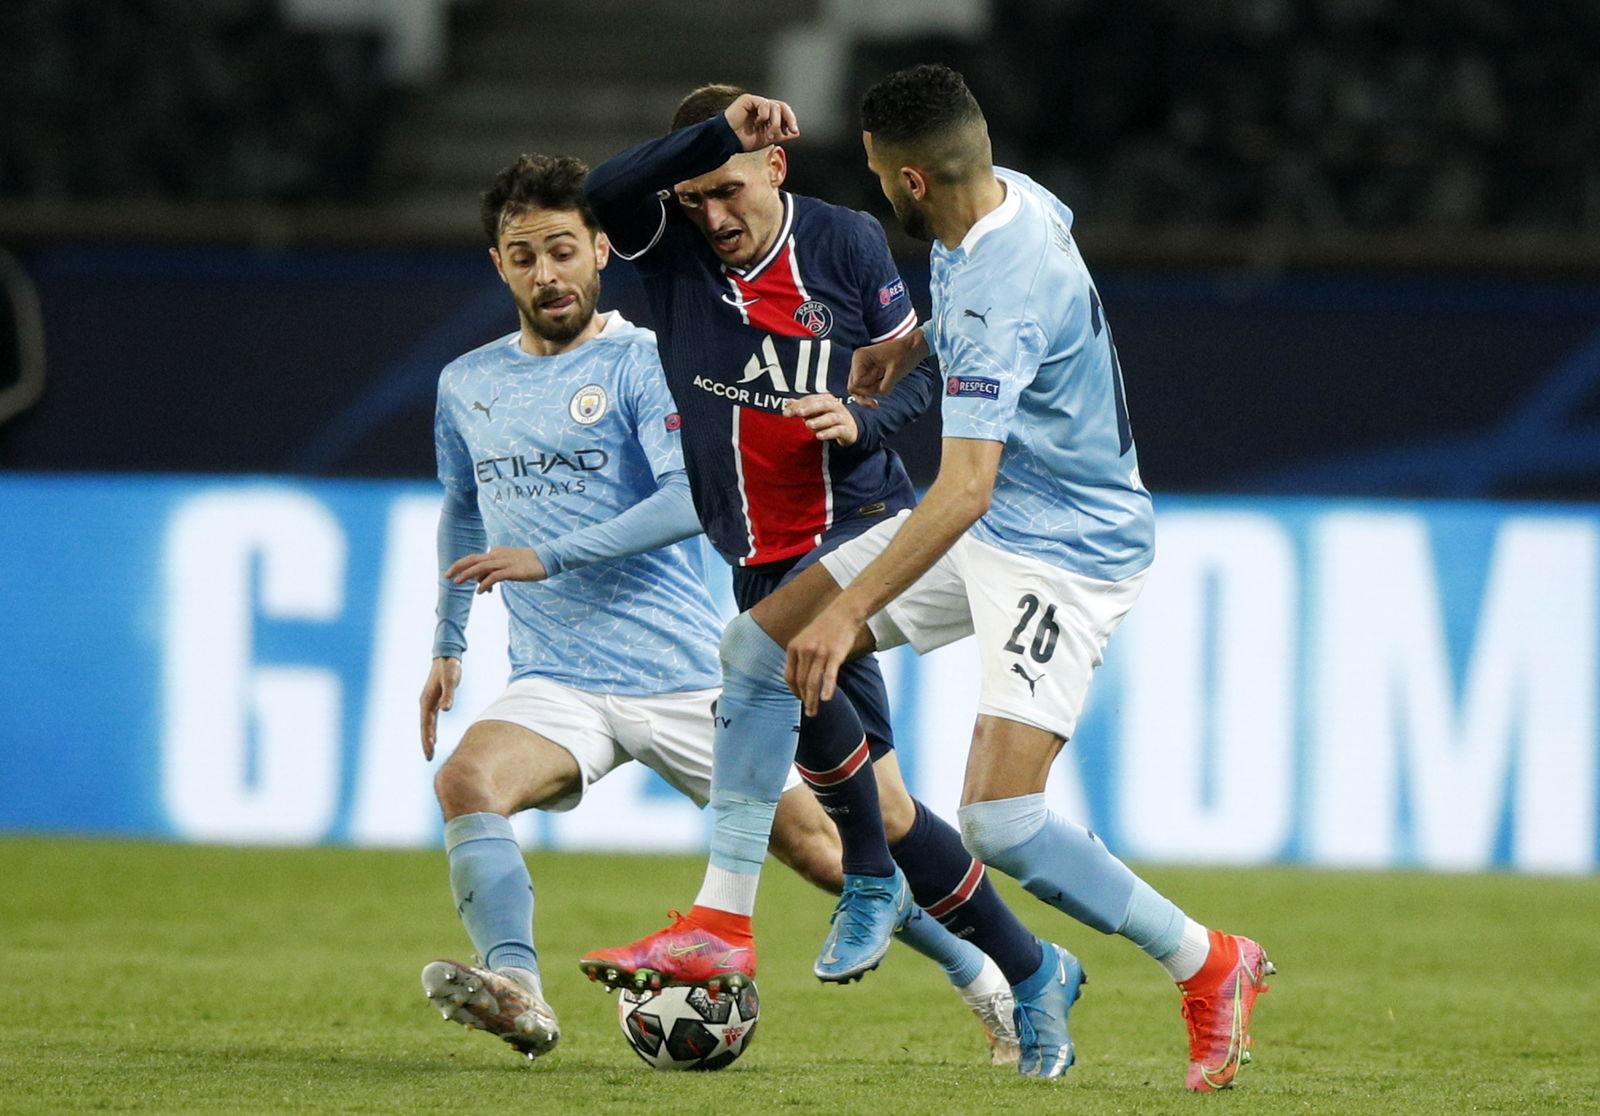 Manchester City remonta y supera 2-1 al PSG en ida de semifinales de Champions League